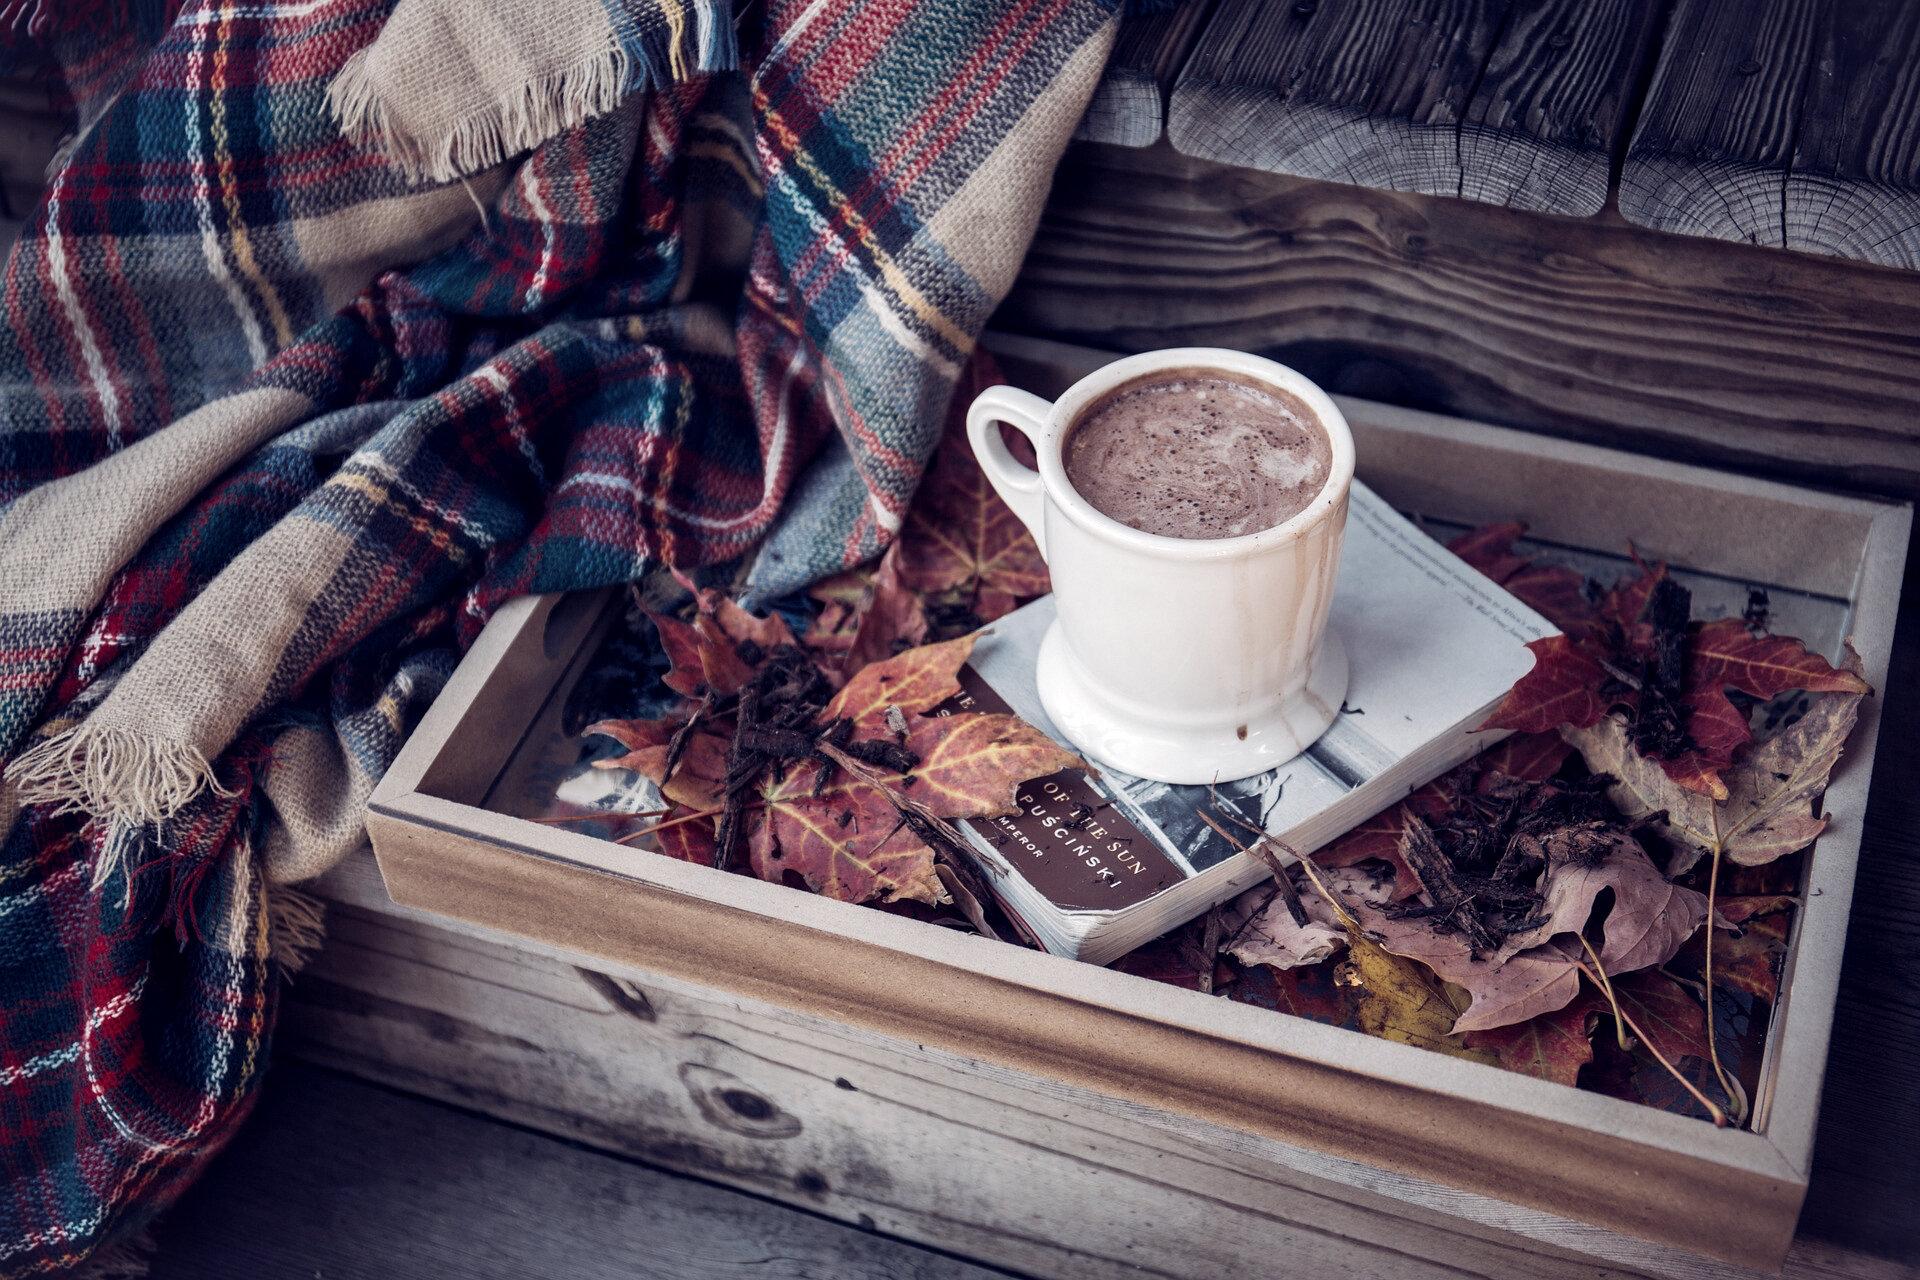 box coffe blanket.jpg